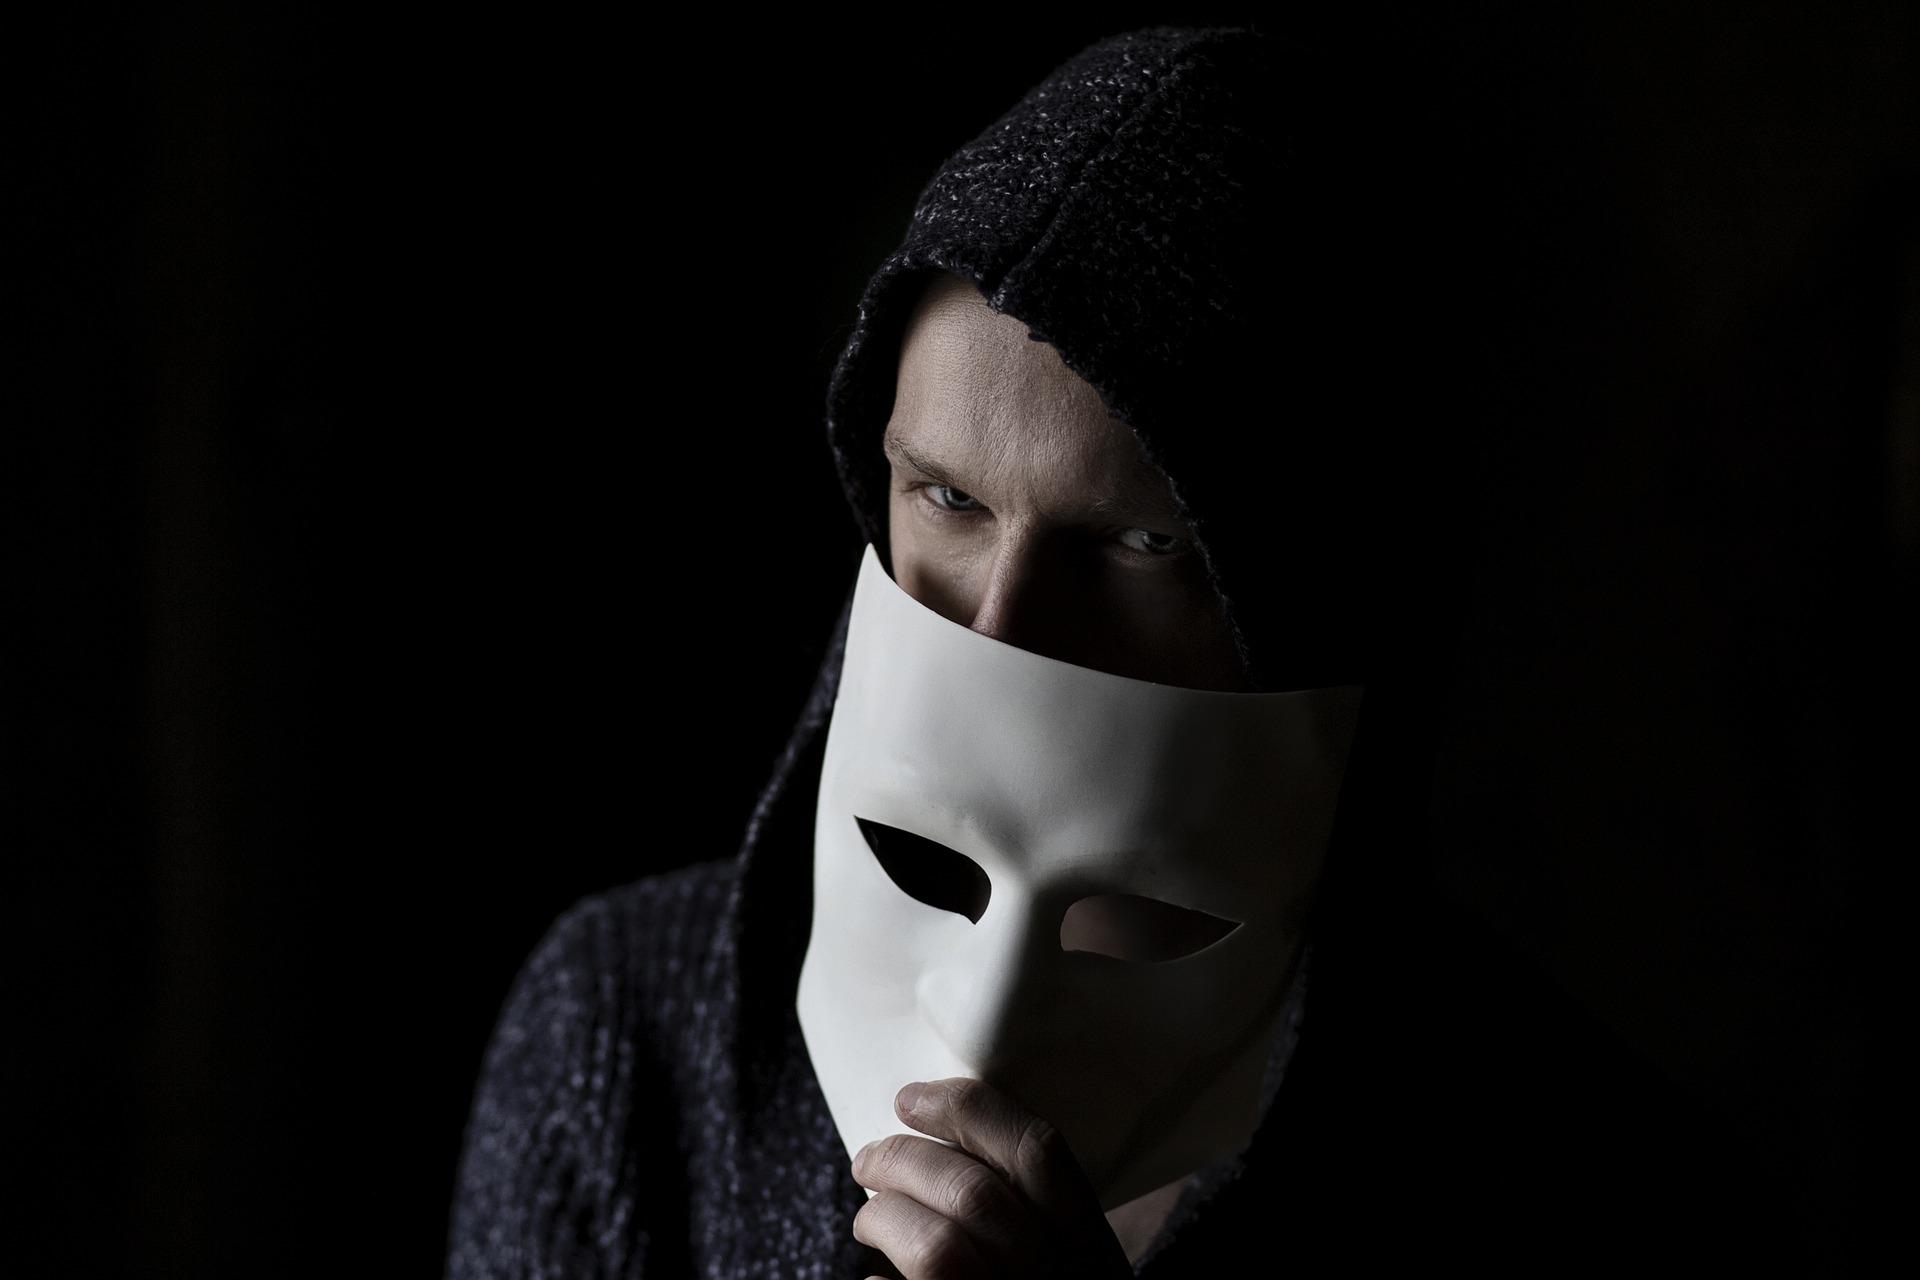 スピリチュアル詐欺被害の手口